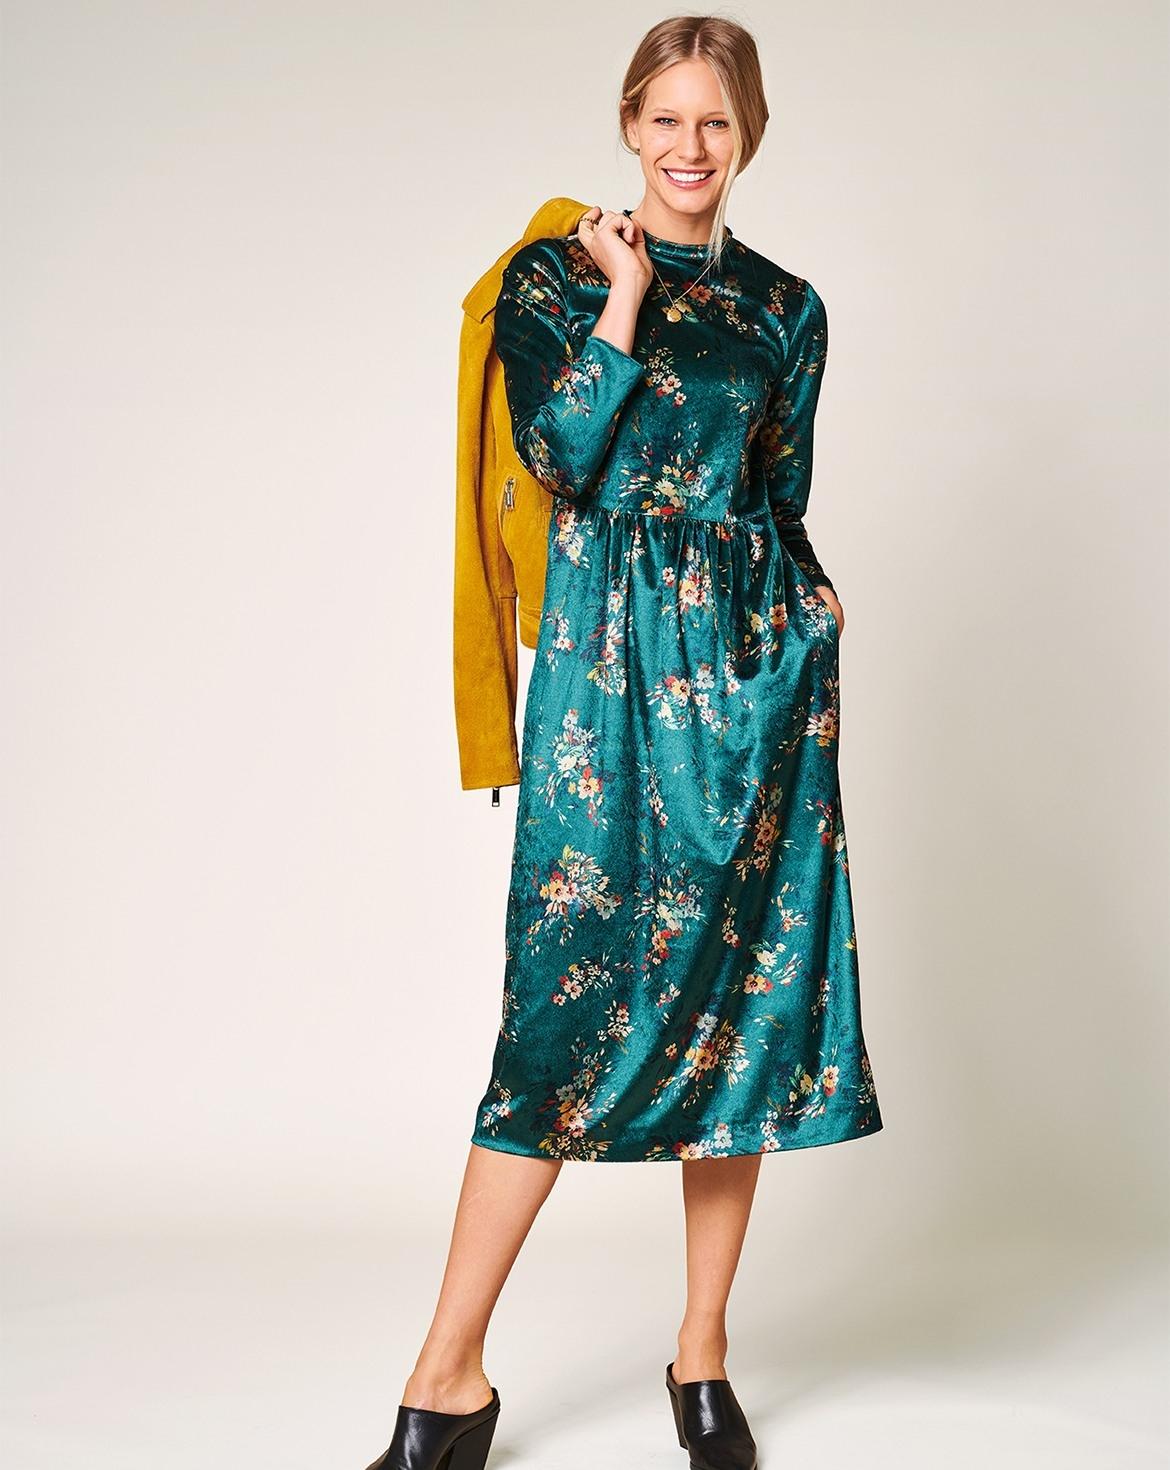 20 Cool Sommerkleider Ab Größe 50 GalerieFormal Erstaunlich Sommerkleider Ab Größe 50 Vertrieb